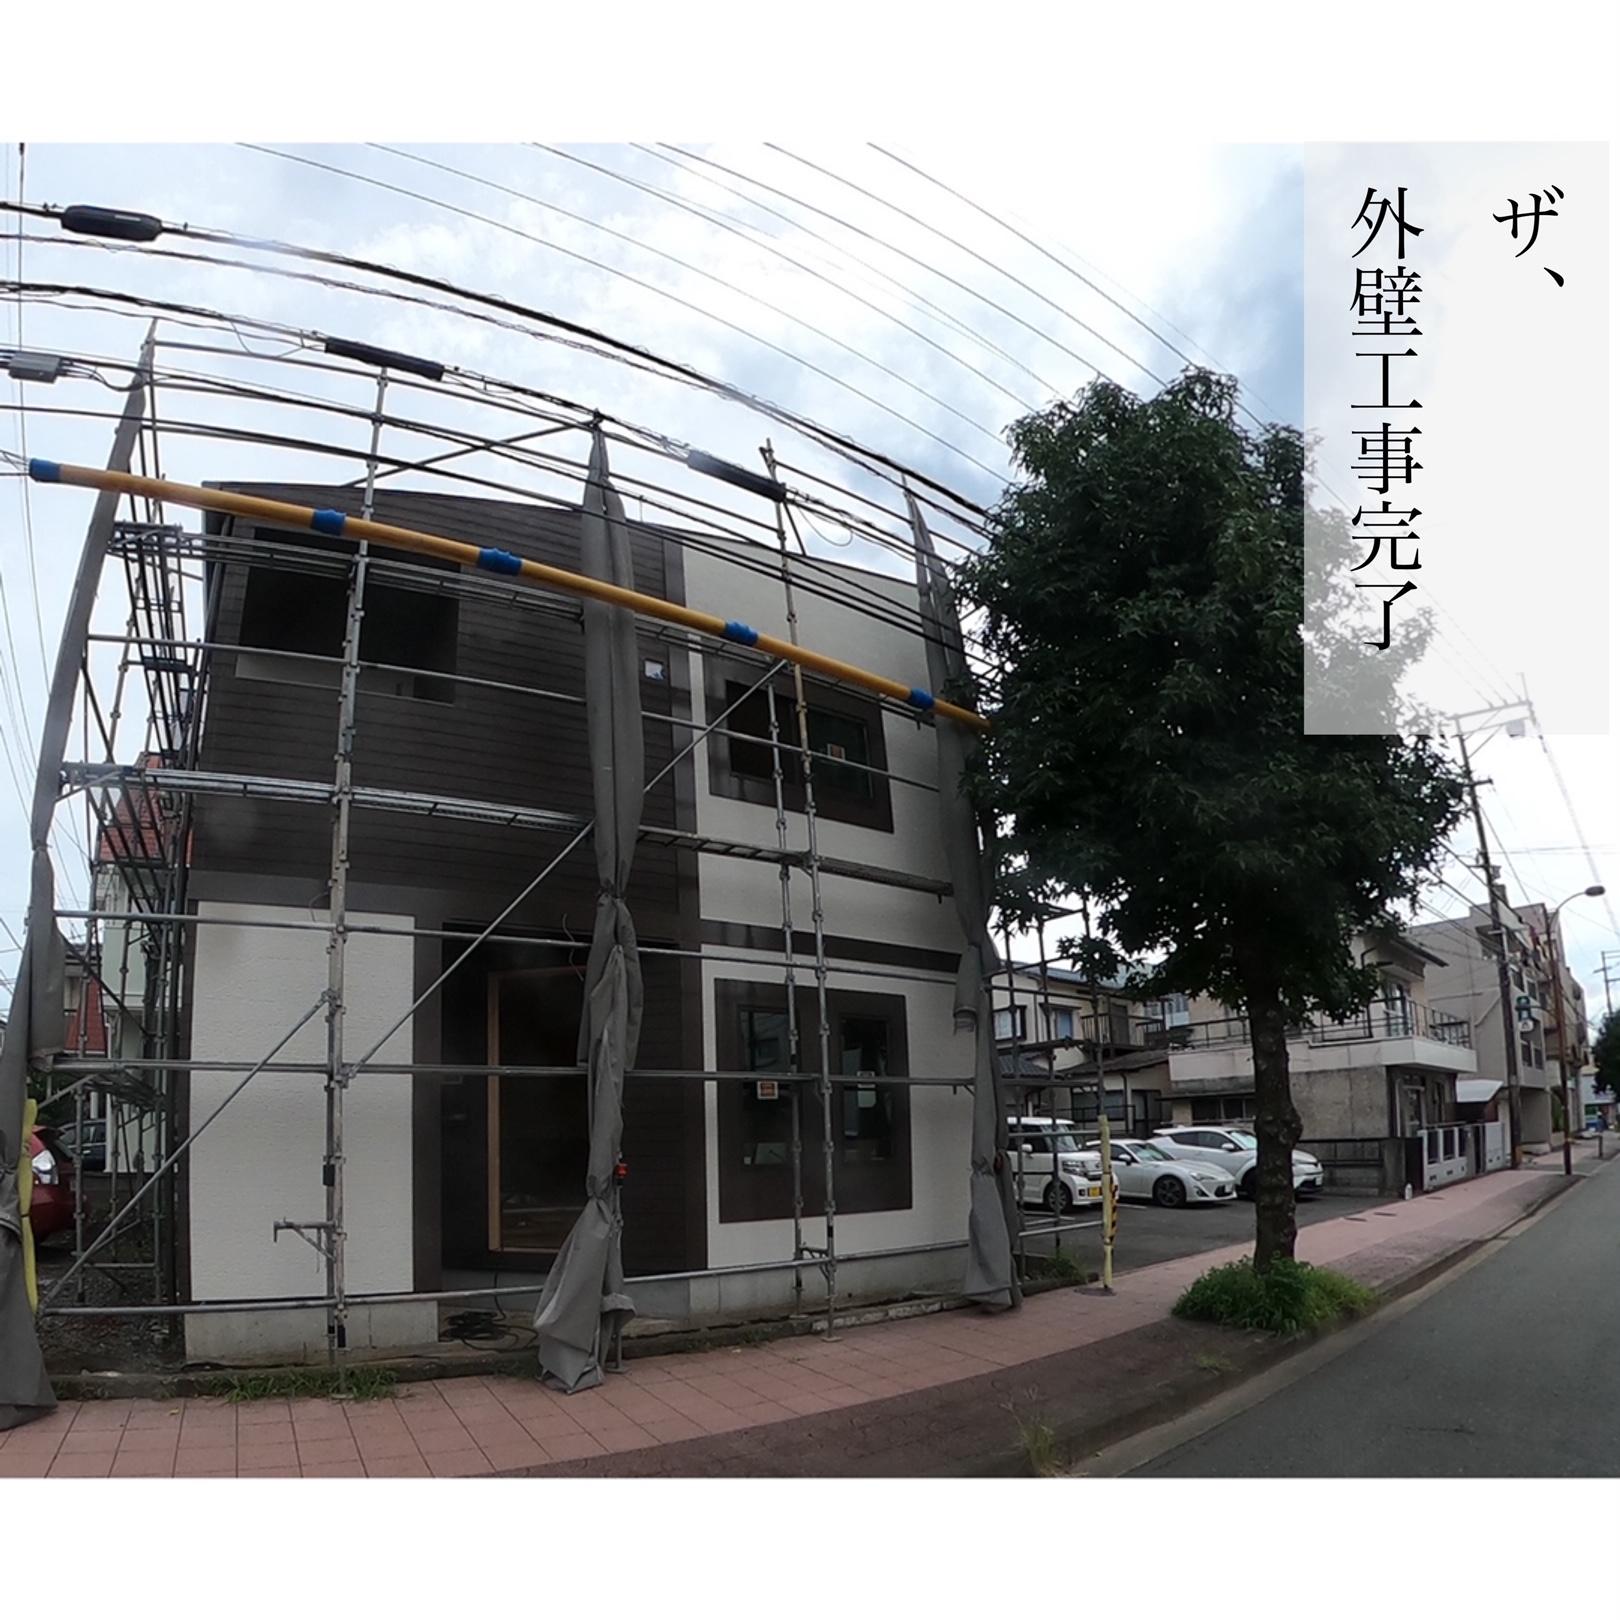 熊本市東区美容室新築工事 外壁工事完了